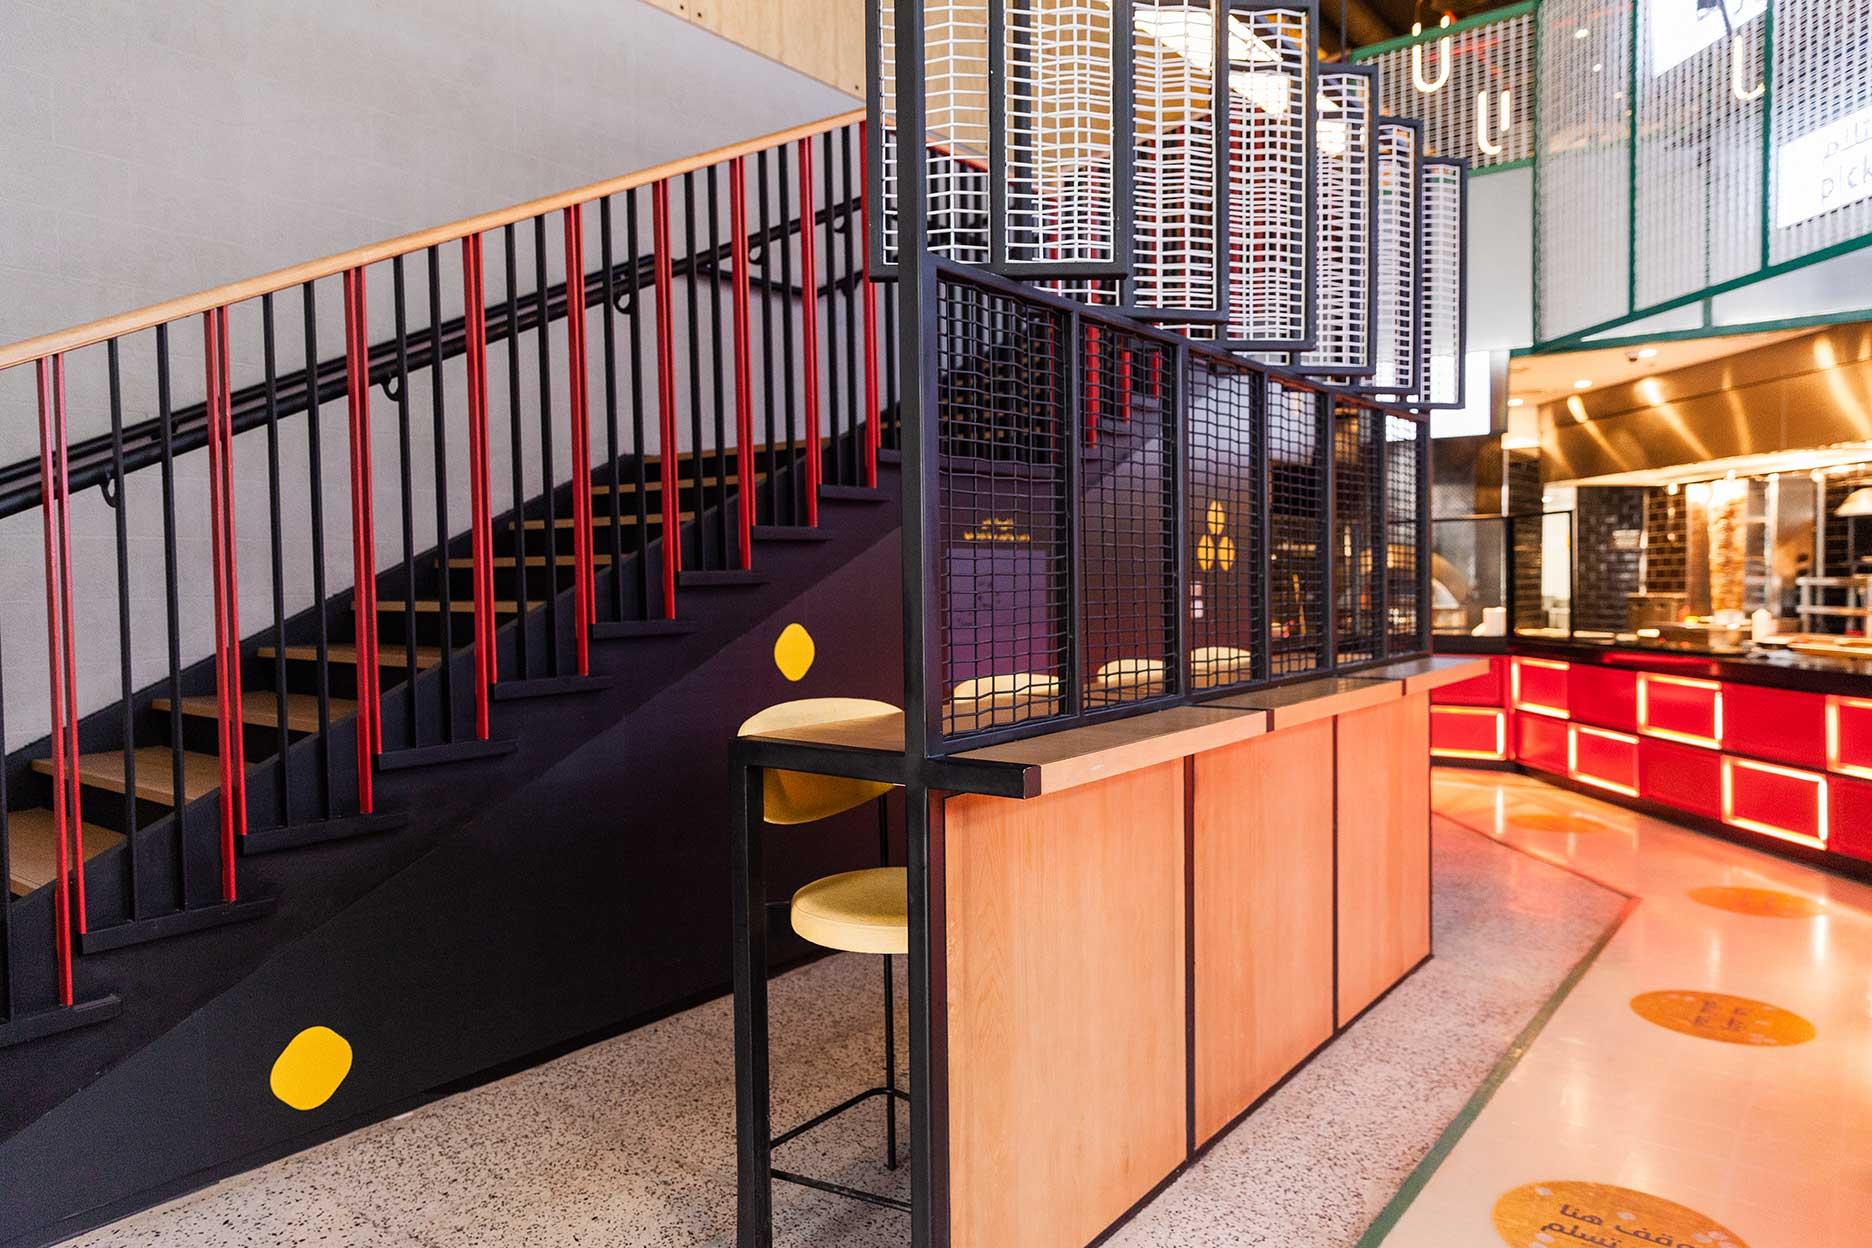 Shaziz-Interior Design Company in UAE